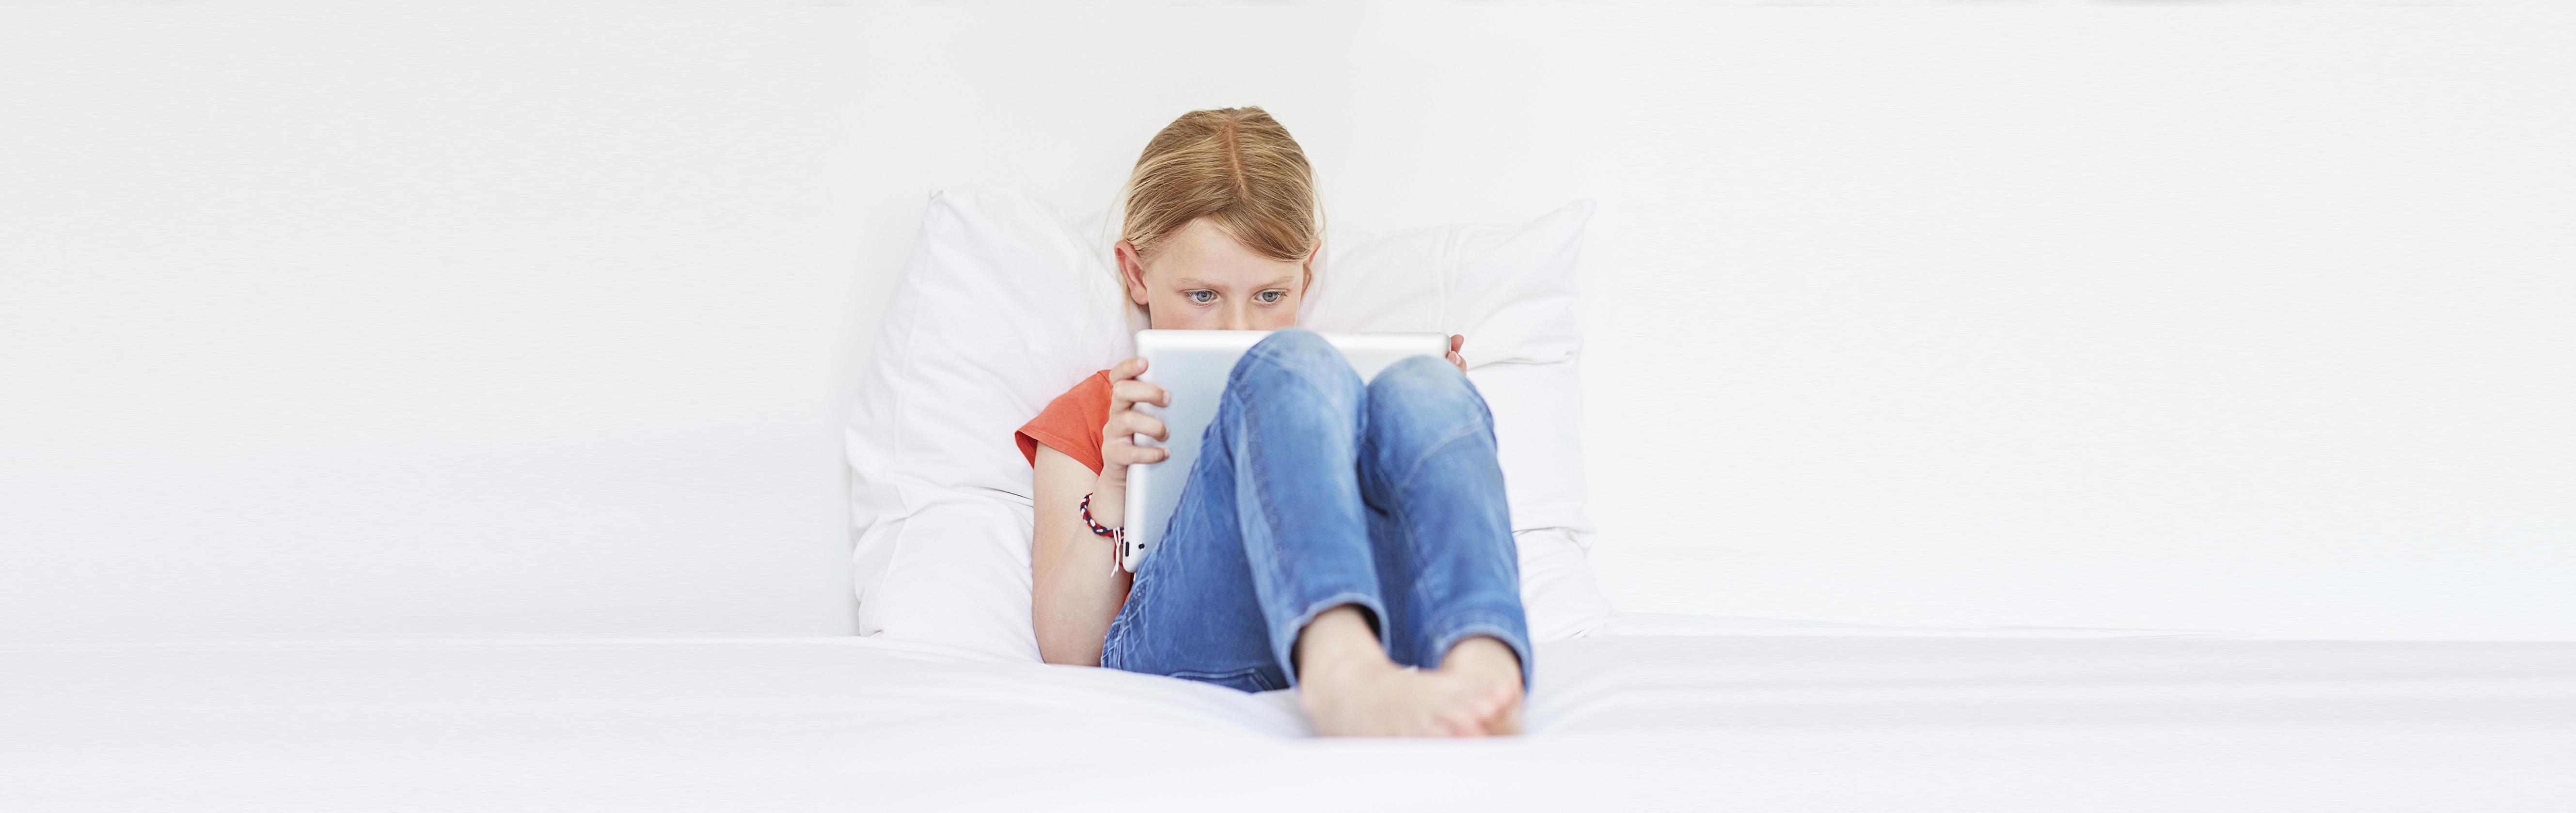 wetten op het dateren van een minderjarige in de staat van Washington